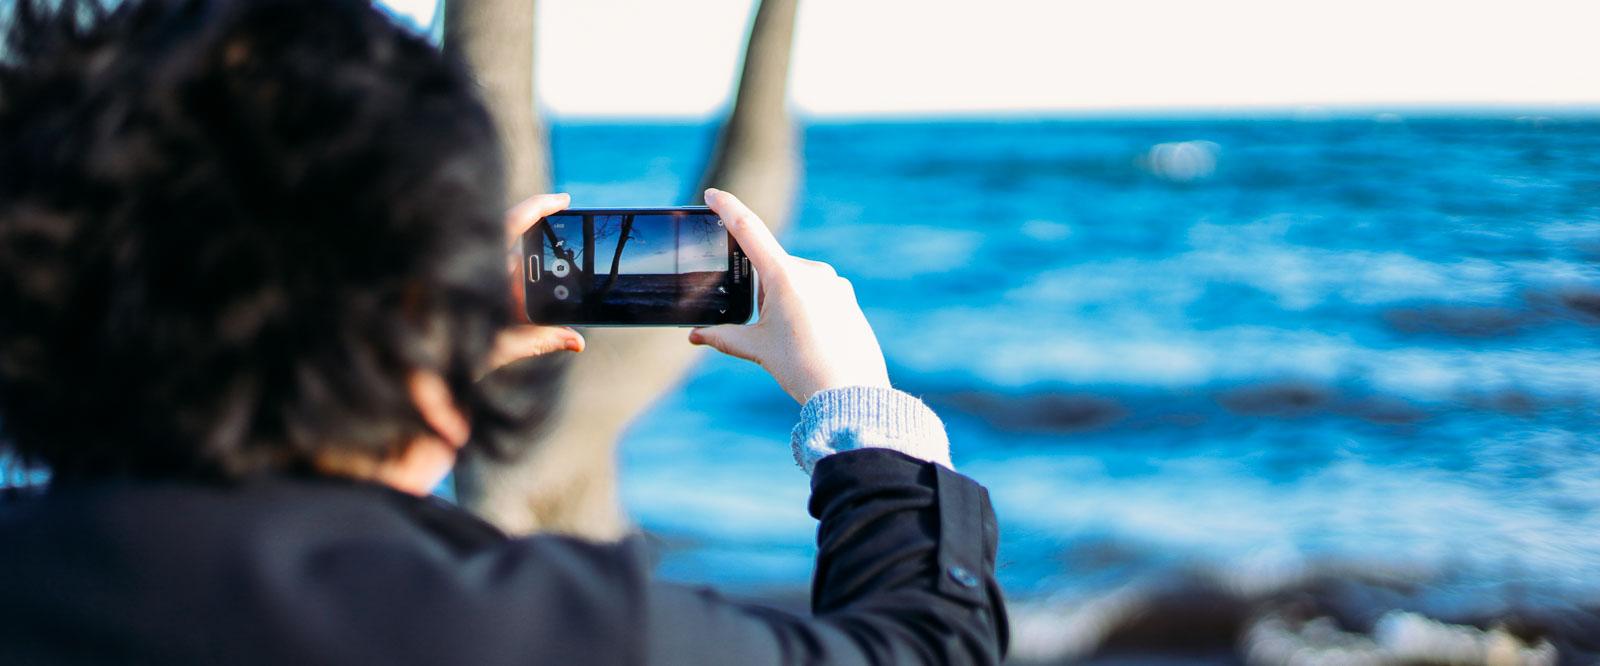 Onlinekurs Fotografera med mobilkameran